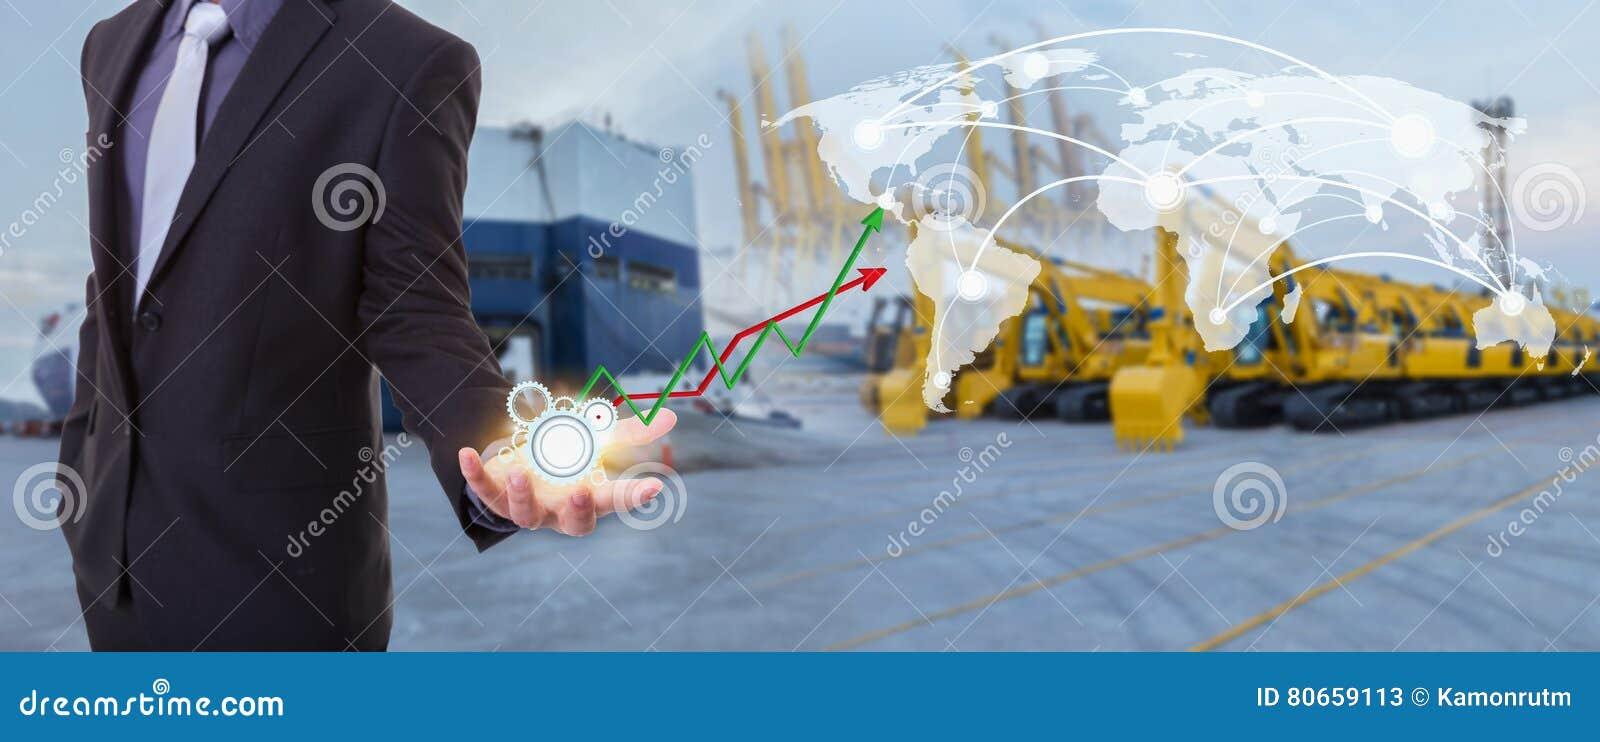 Εικόνα της επιχειρησιακής έννοιας στη διοικητική επιτυχία